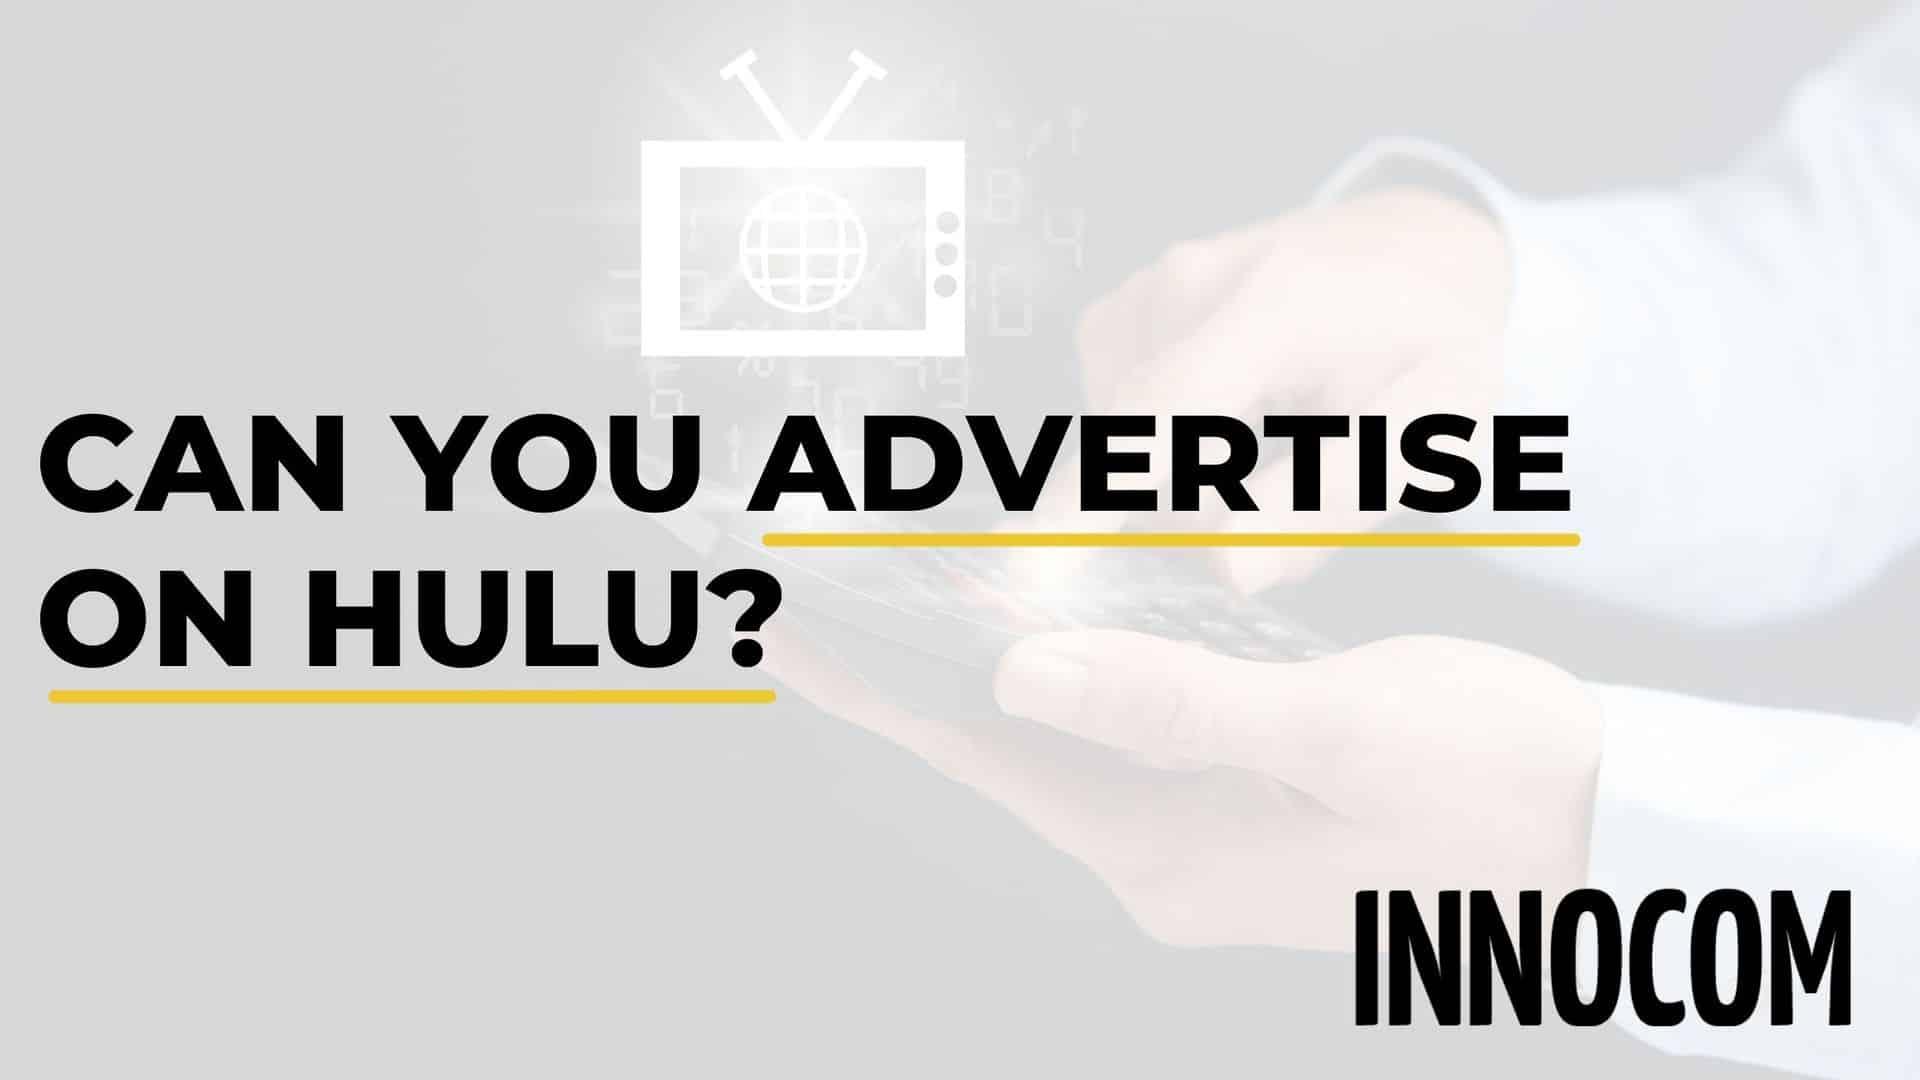 Hulu Advertising